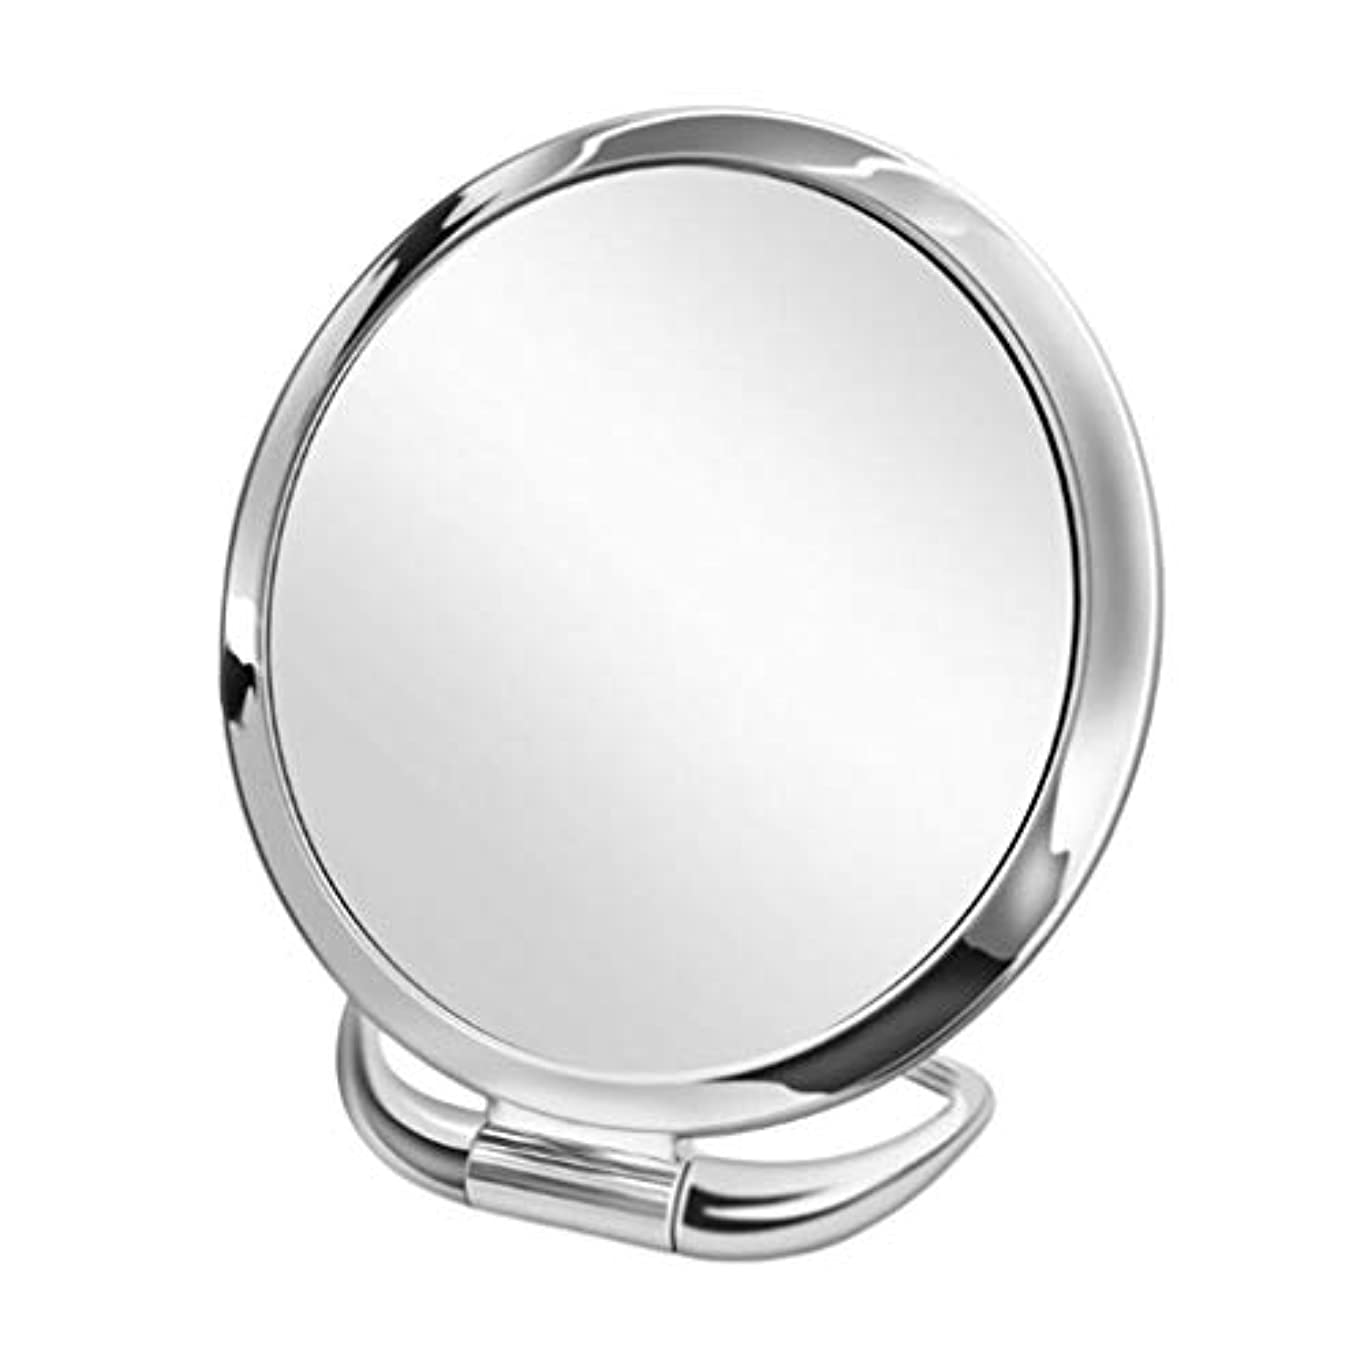 弾薬息苦しいイノセンス化粧鏡 化粧ミラー 卓上ミラー 折りたたみ 携帯用 旅行 自宅 オフィス 3倍拡大 両面鏡 全9種類 - スライバーラウンド